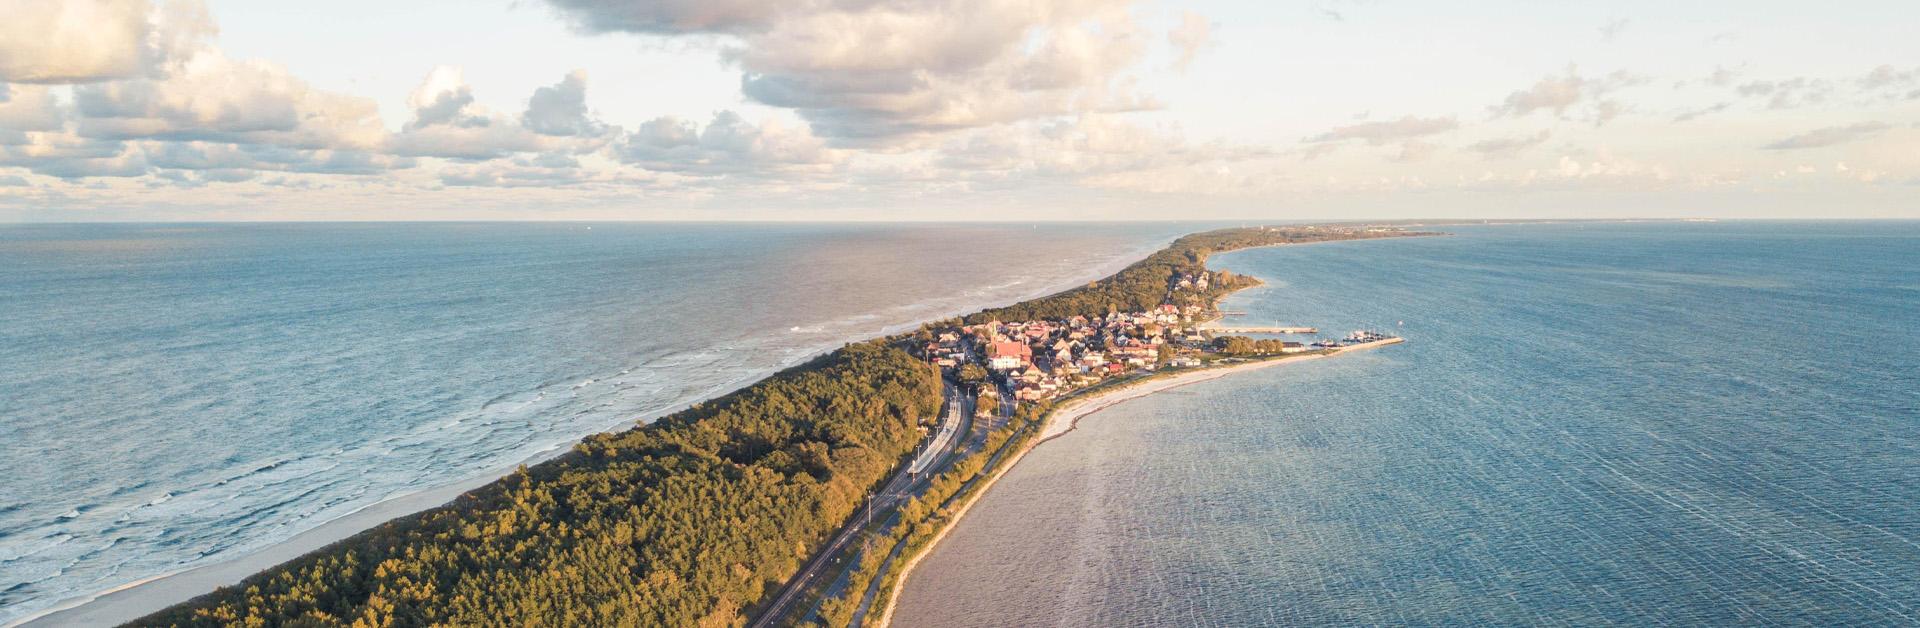 Przeczytaj więcej o artykule Pierwszy raz na Półwyspie Helskim? Krótka historia najpiękniejszej mierzei na świecie.